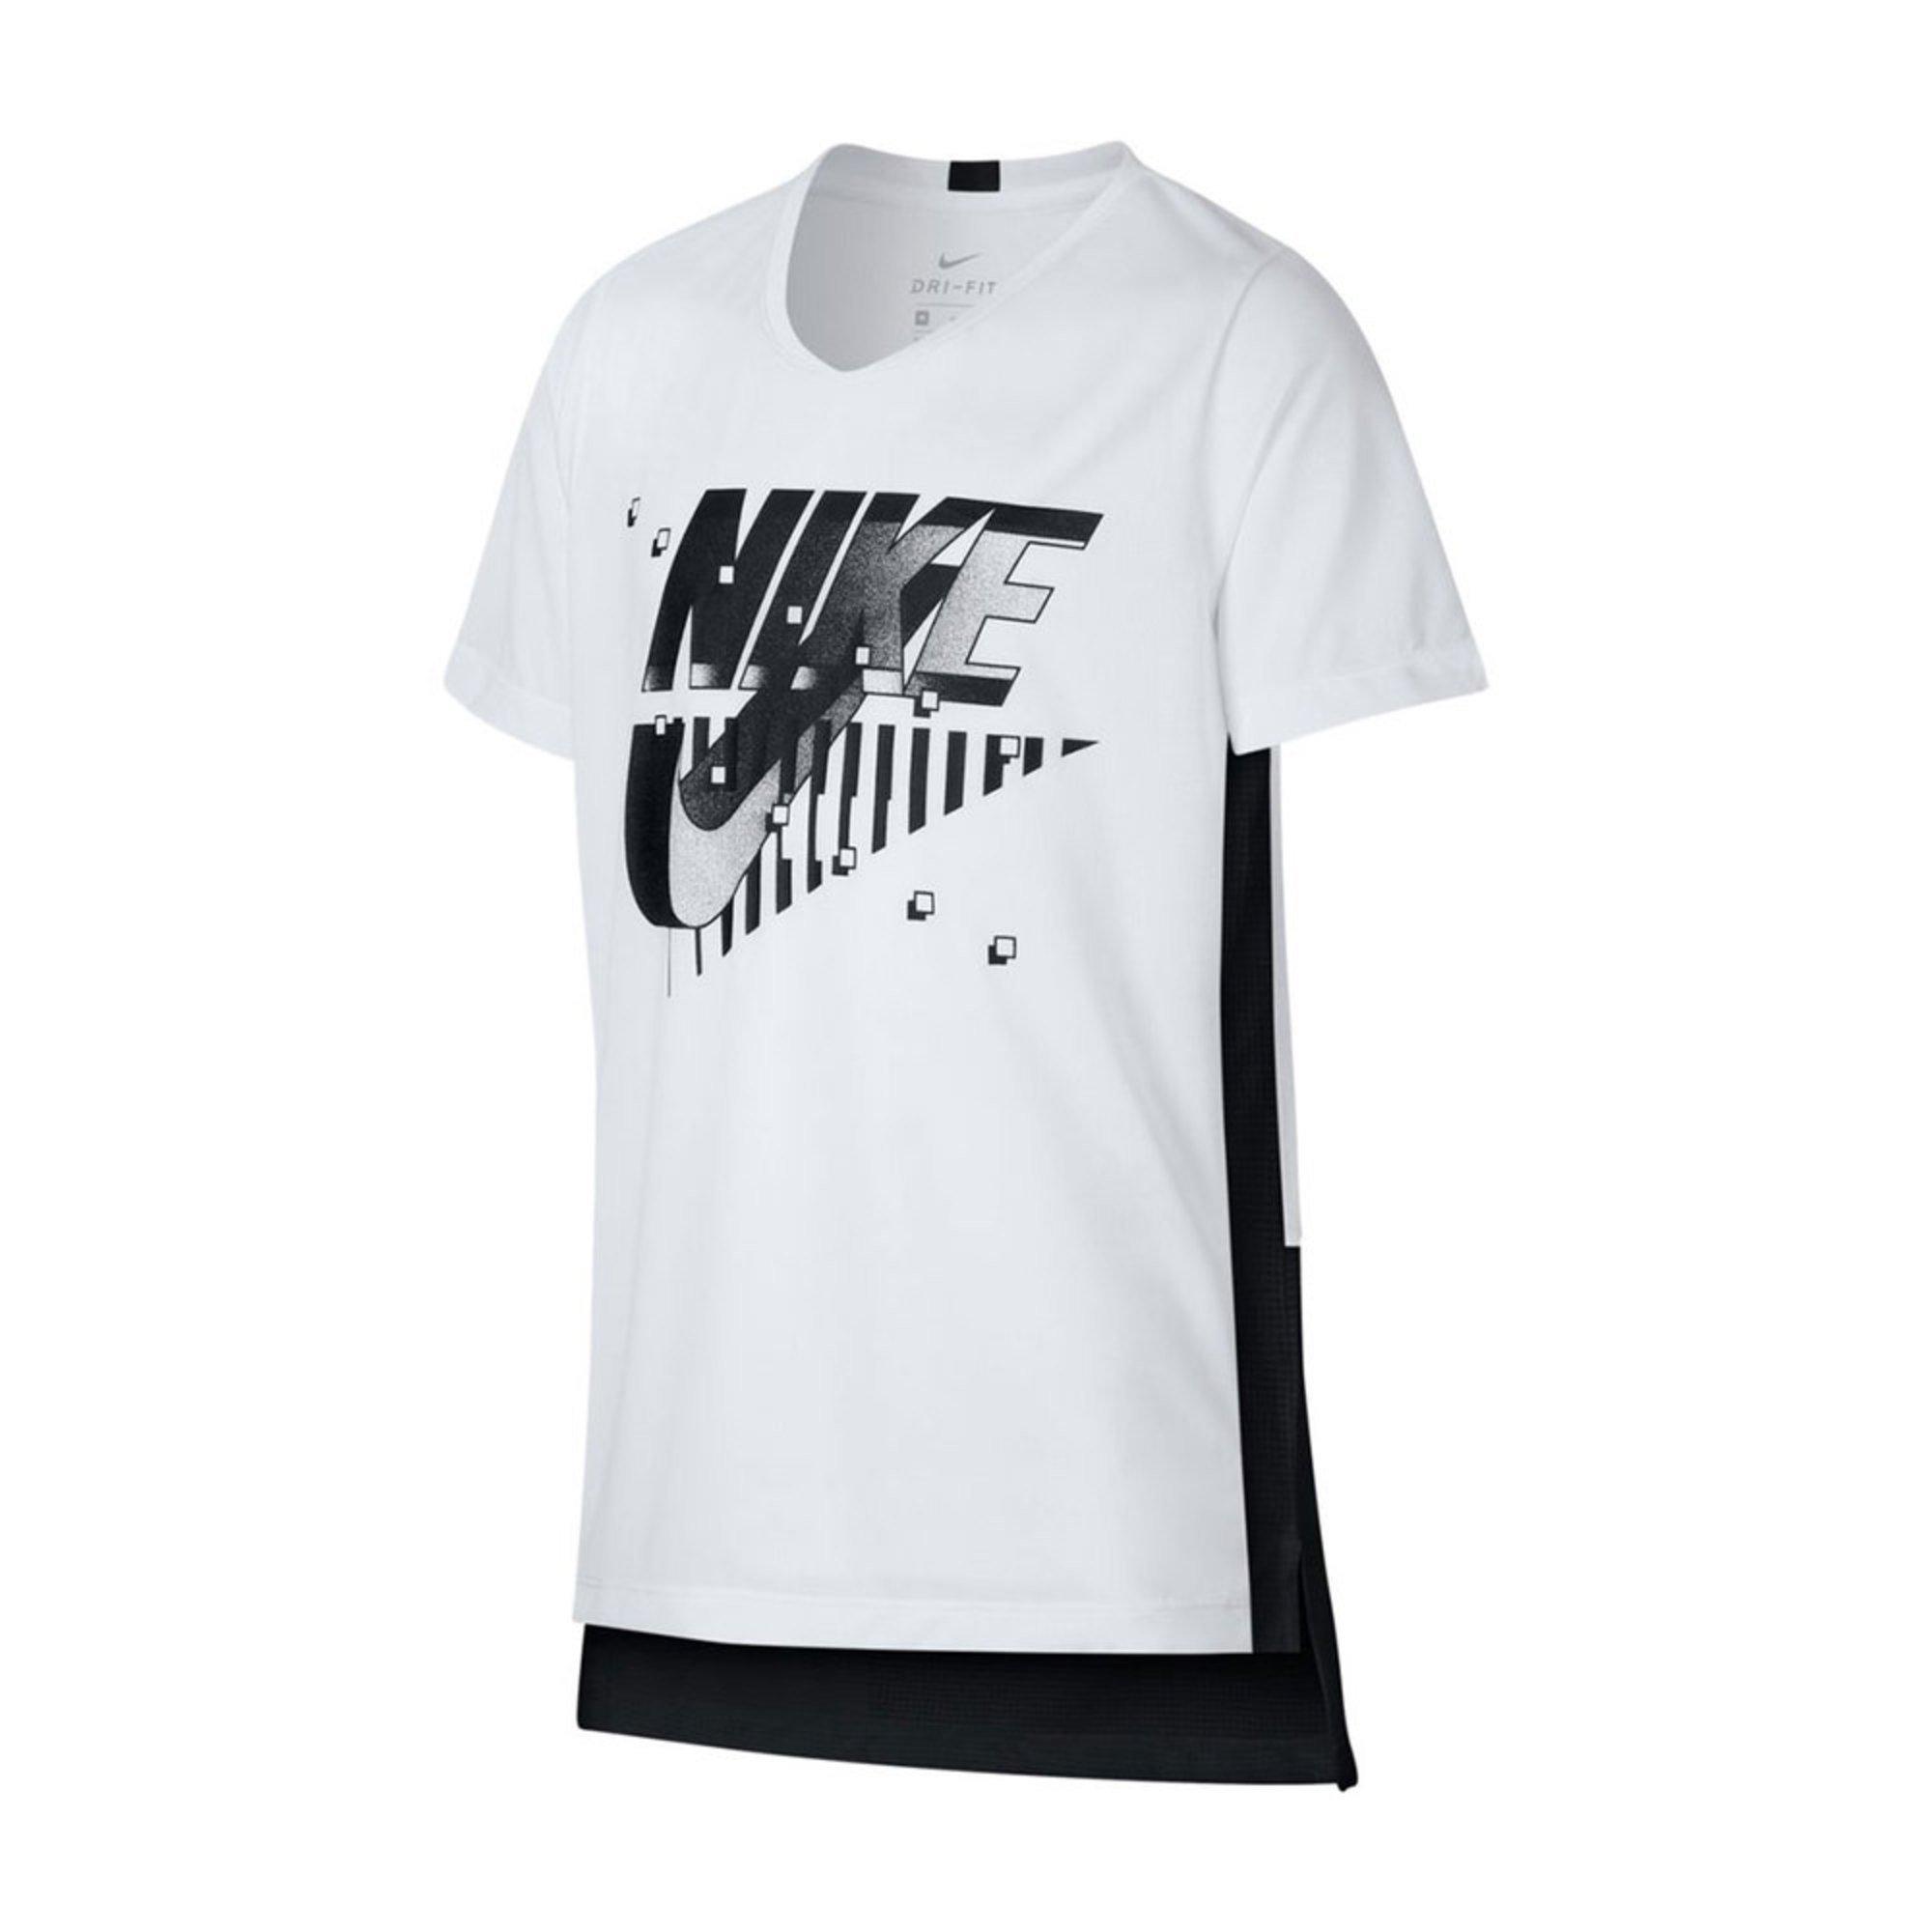 06df292b Nike Big Boys' Dri Fit Dominate Gfx Tee | Big Boys' Shirts & Tees ...